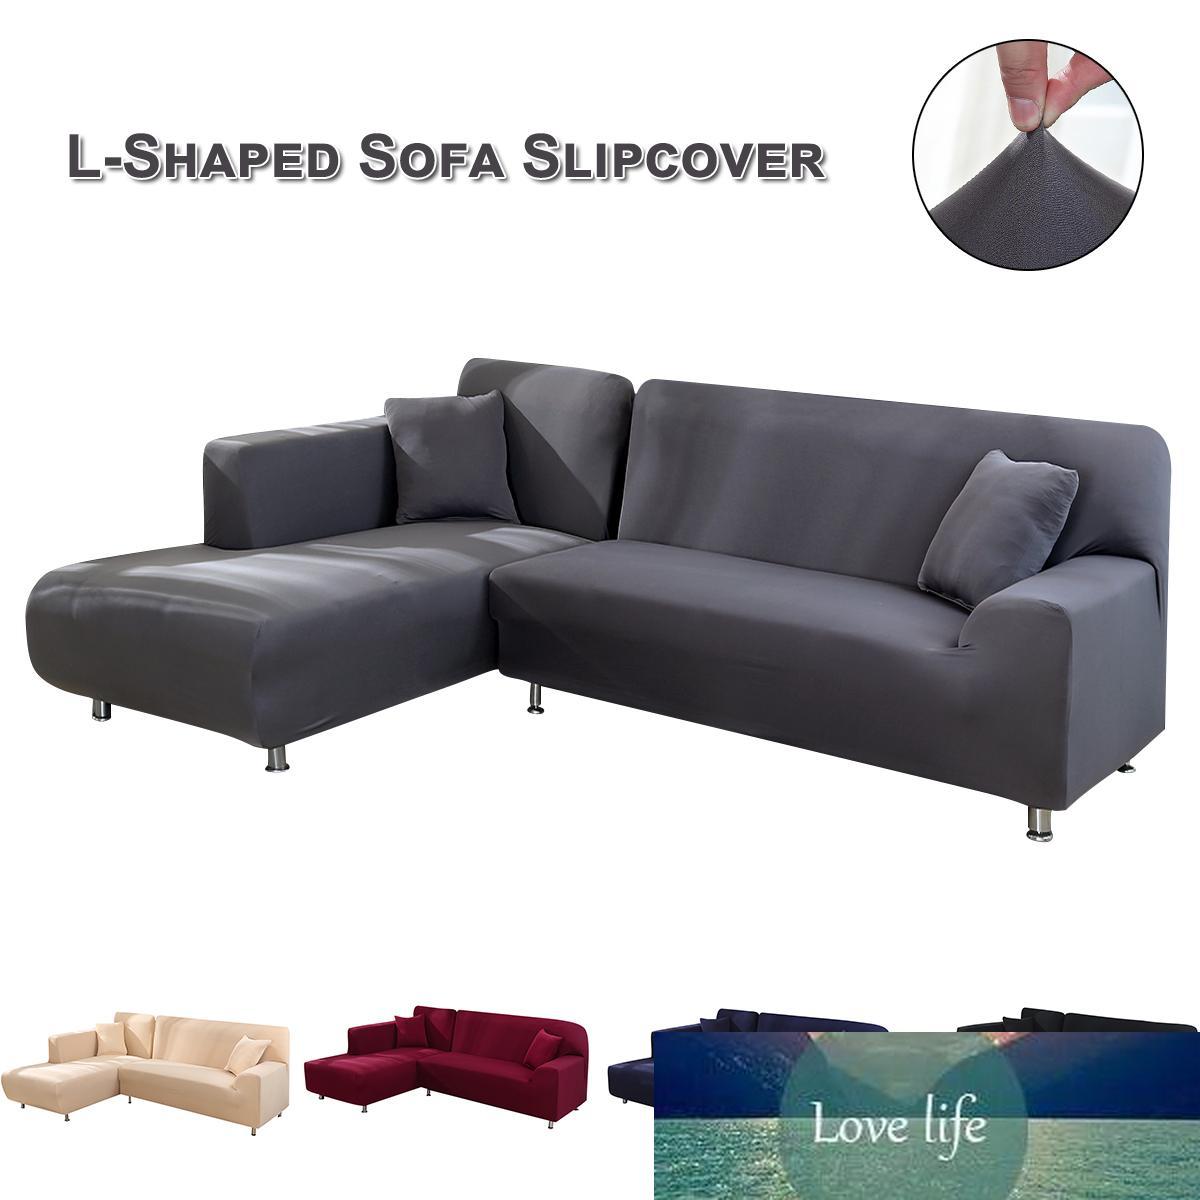 Section Couch Couvertures en forme de L Canapé d'angle Housses Meubles souple Slipcovers Polyester Tissu stretch couleur solide Canapé Covers D3